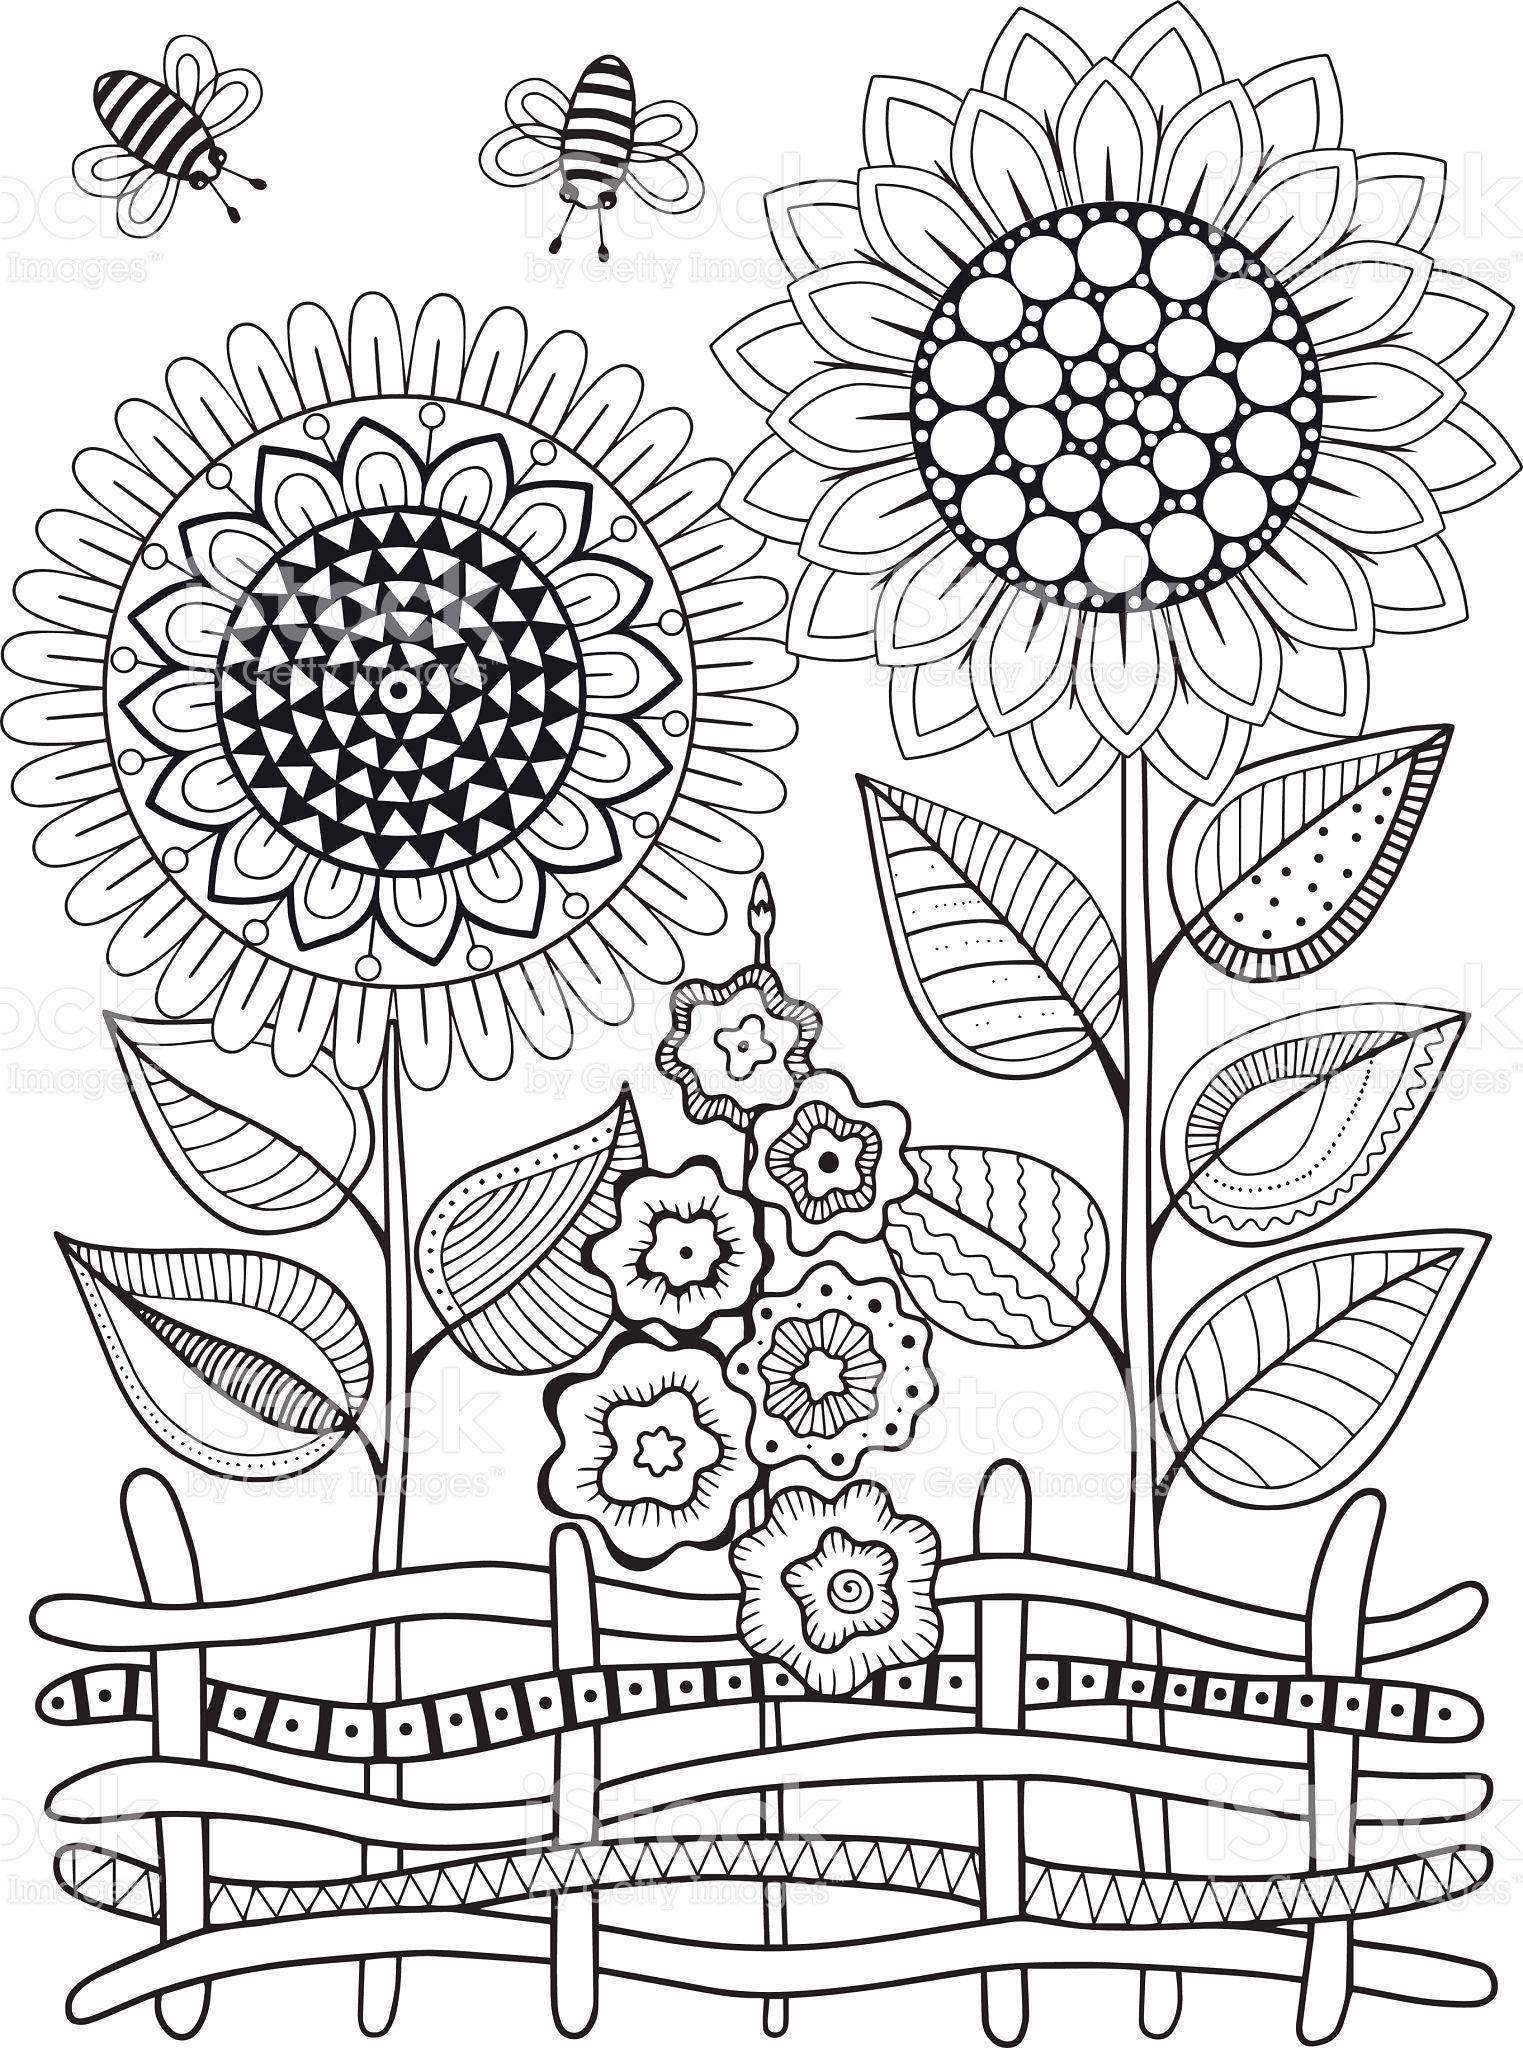 Sunflower Coloring Pages Sunflower Coloring Pages Flower